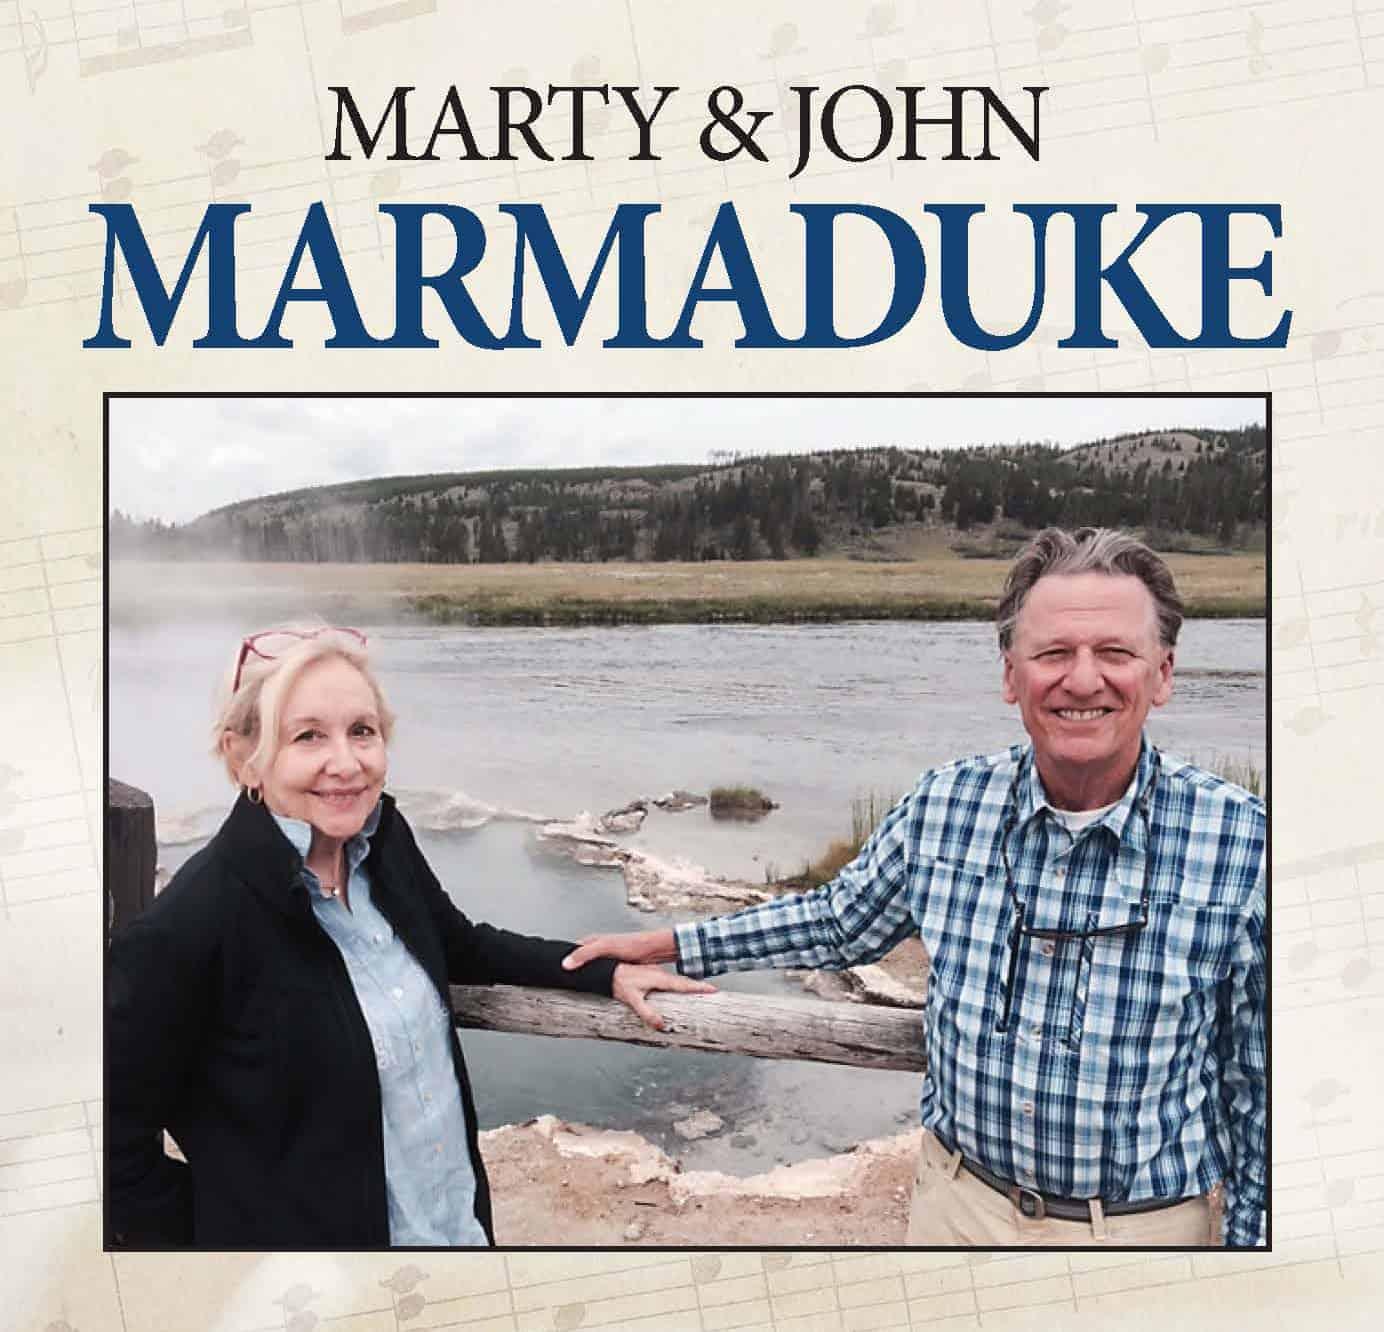 marty and john marmaduke